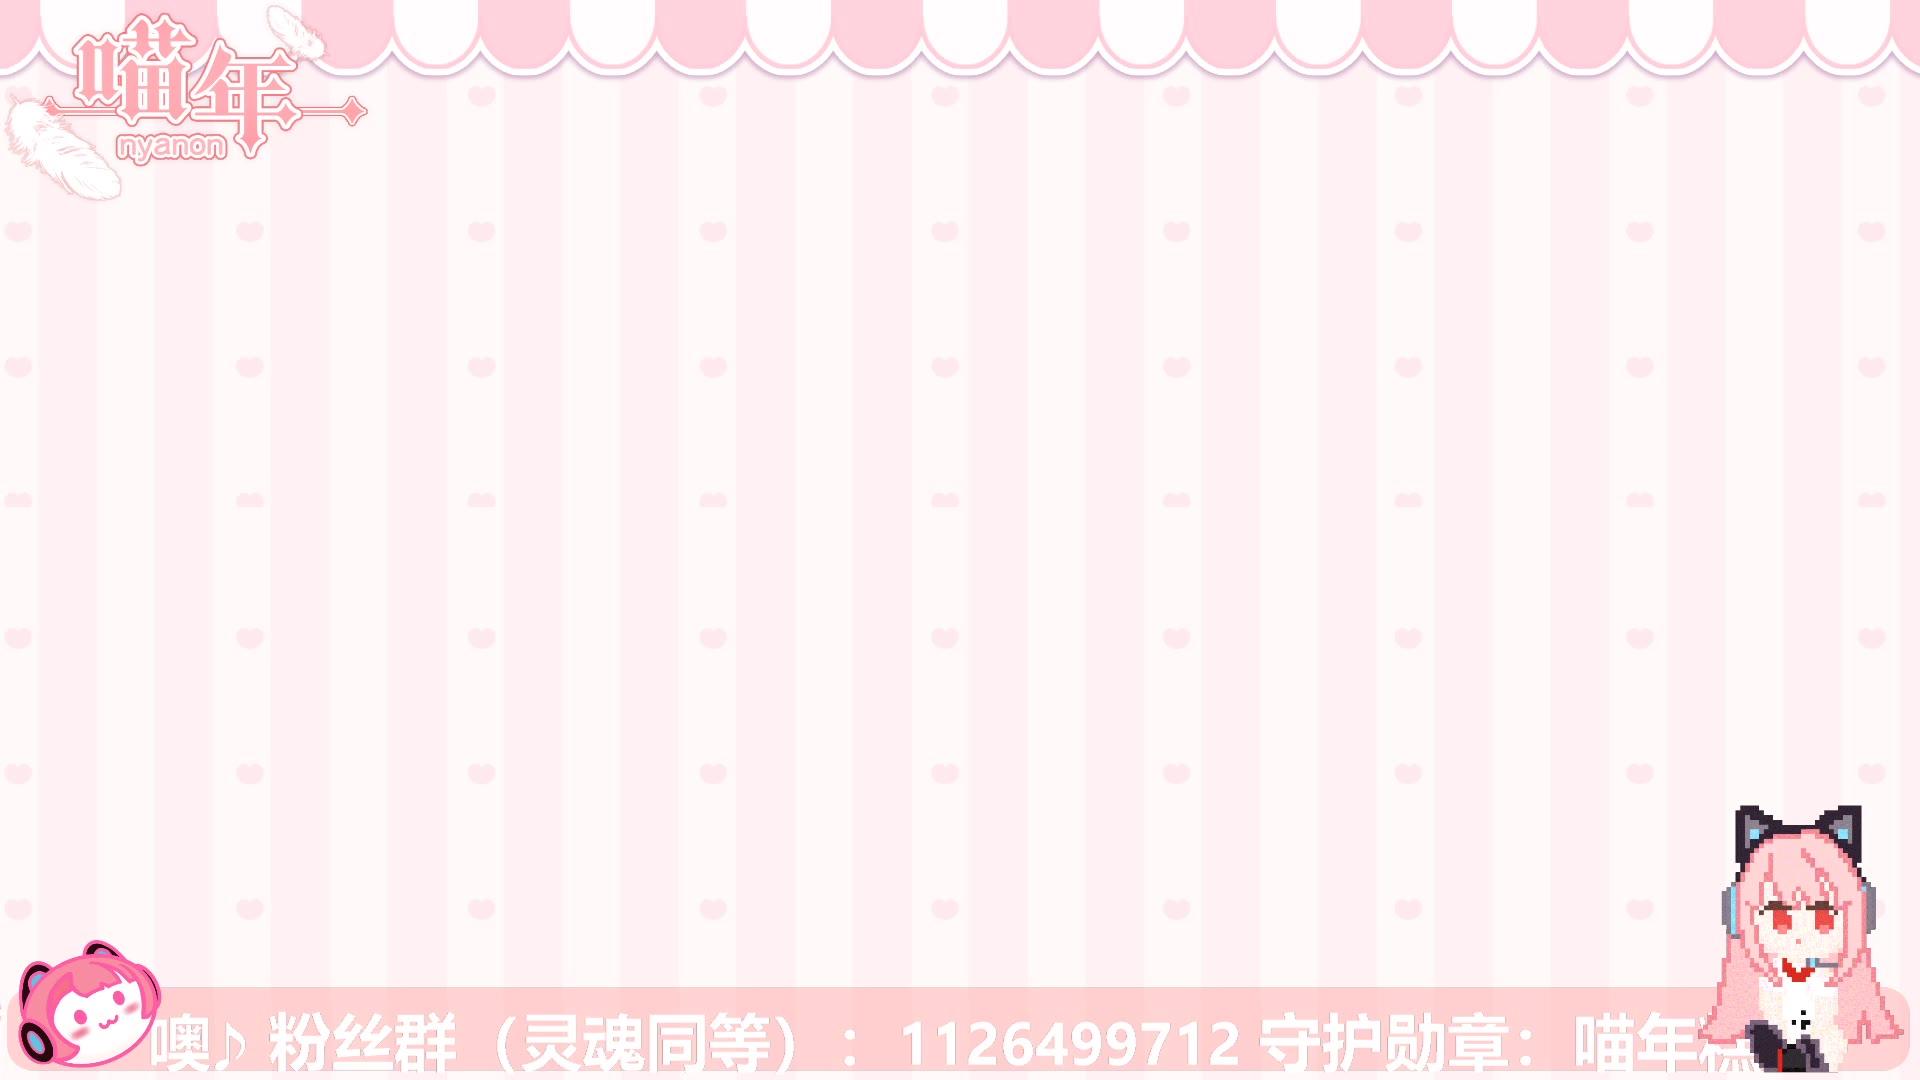 【录播】喵年nyanon_channel 杂谈一会儿(2020-09-27)